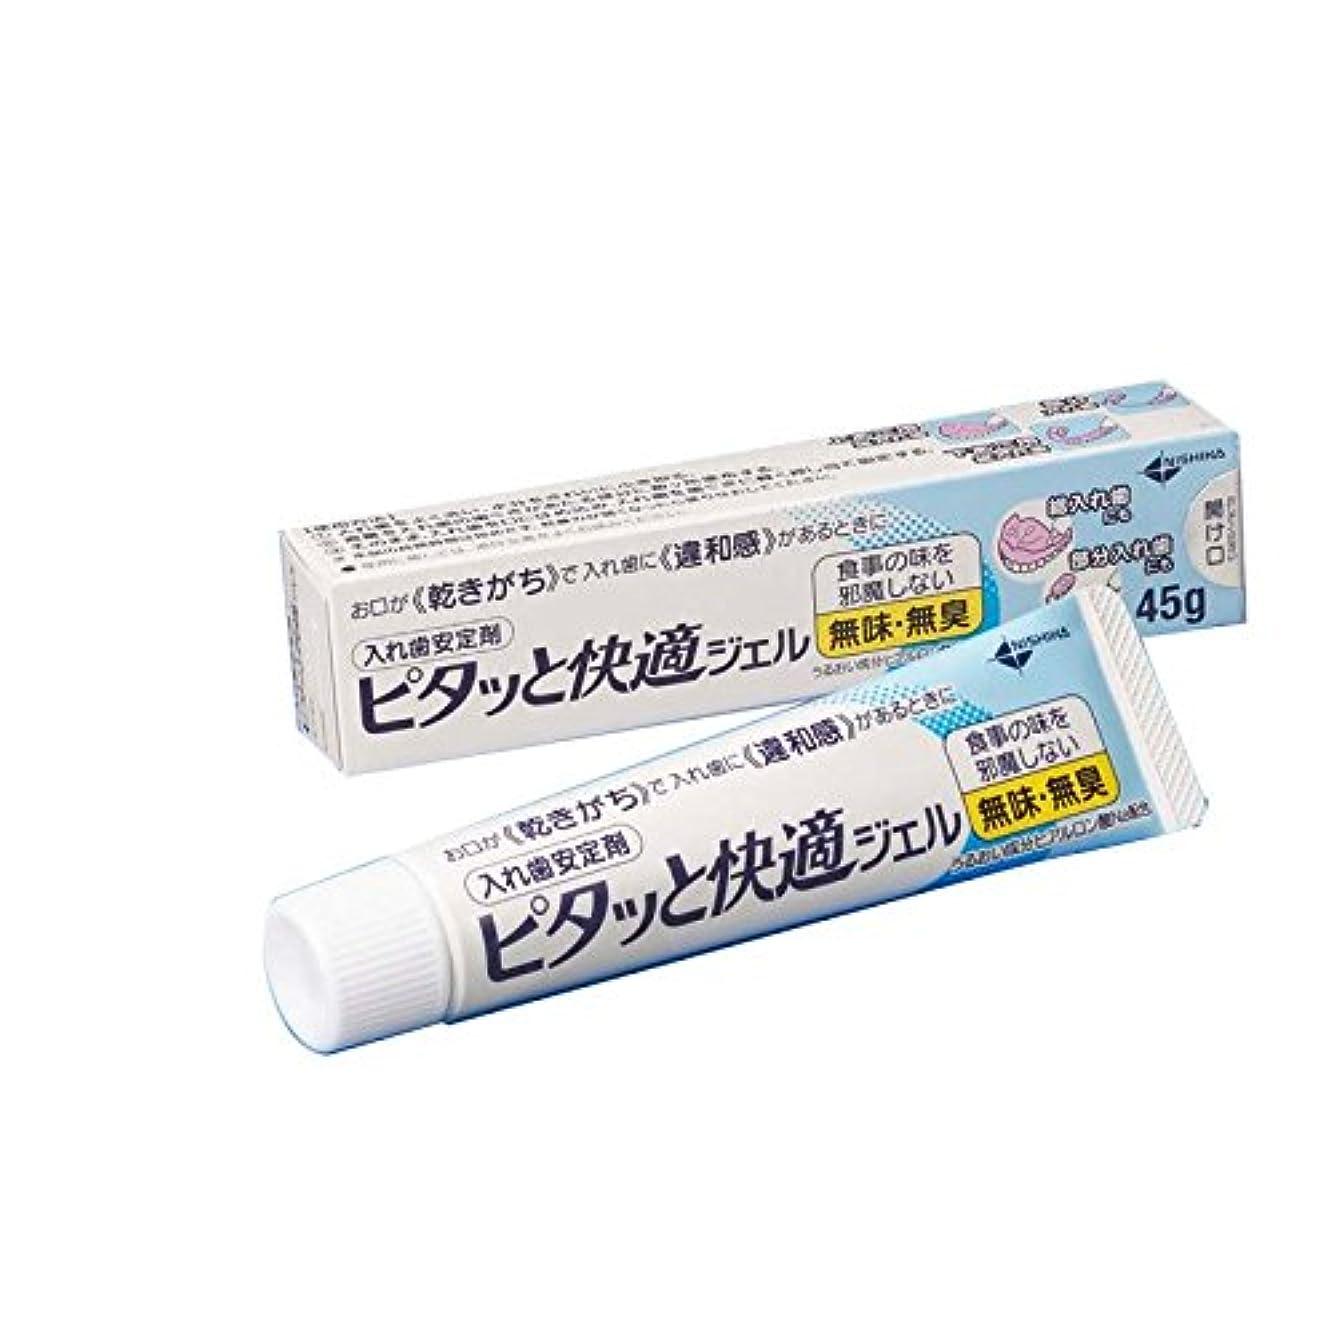 ニシカ ピタッと快適ジェル 45g × 1本